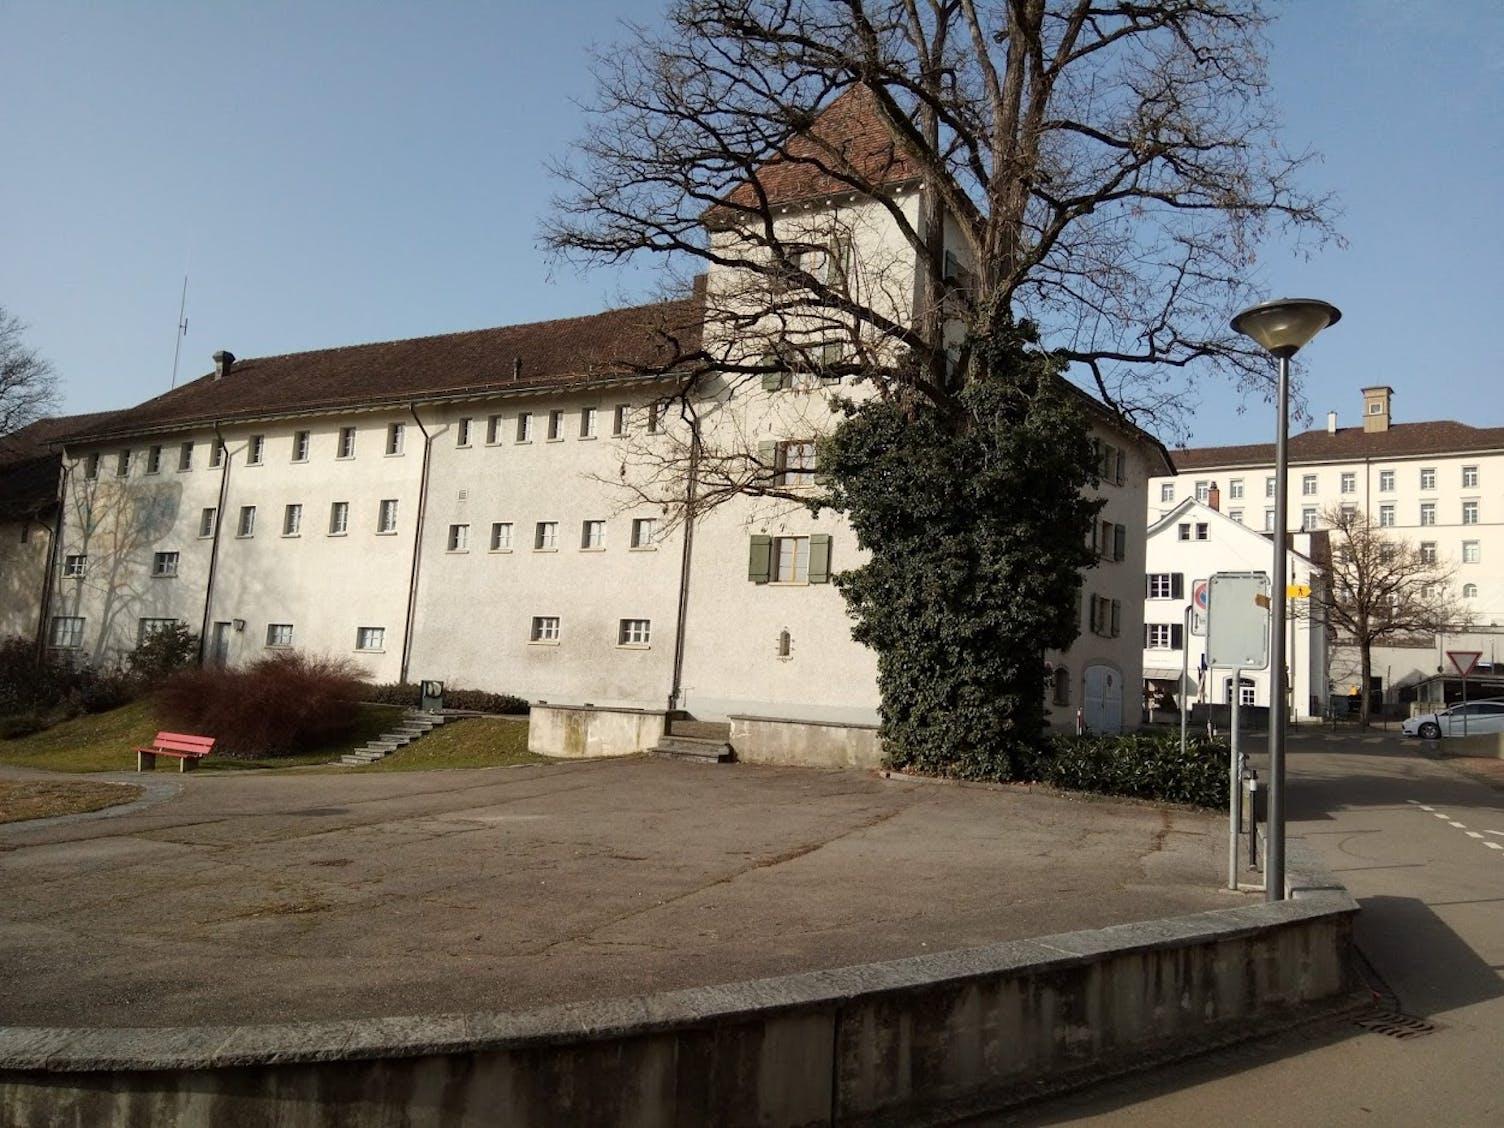 Haus zum Turm Wil